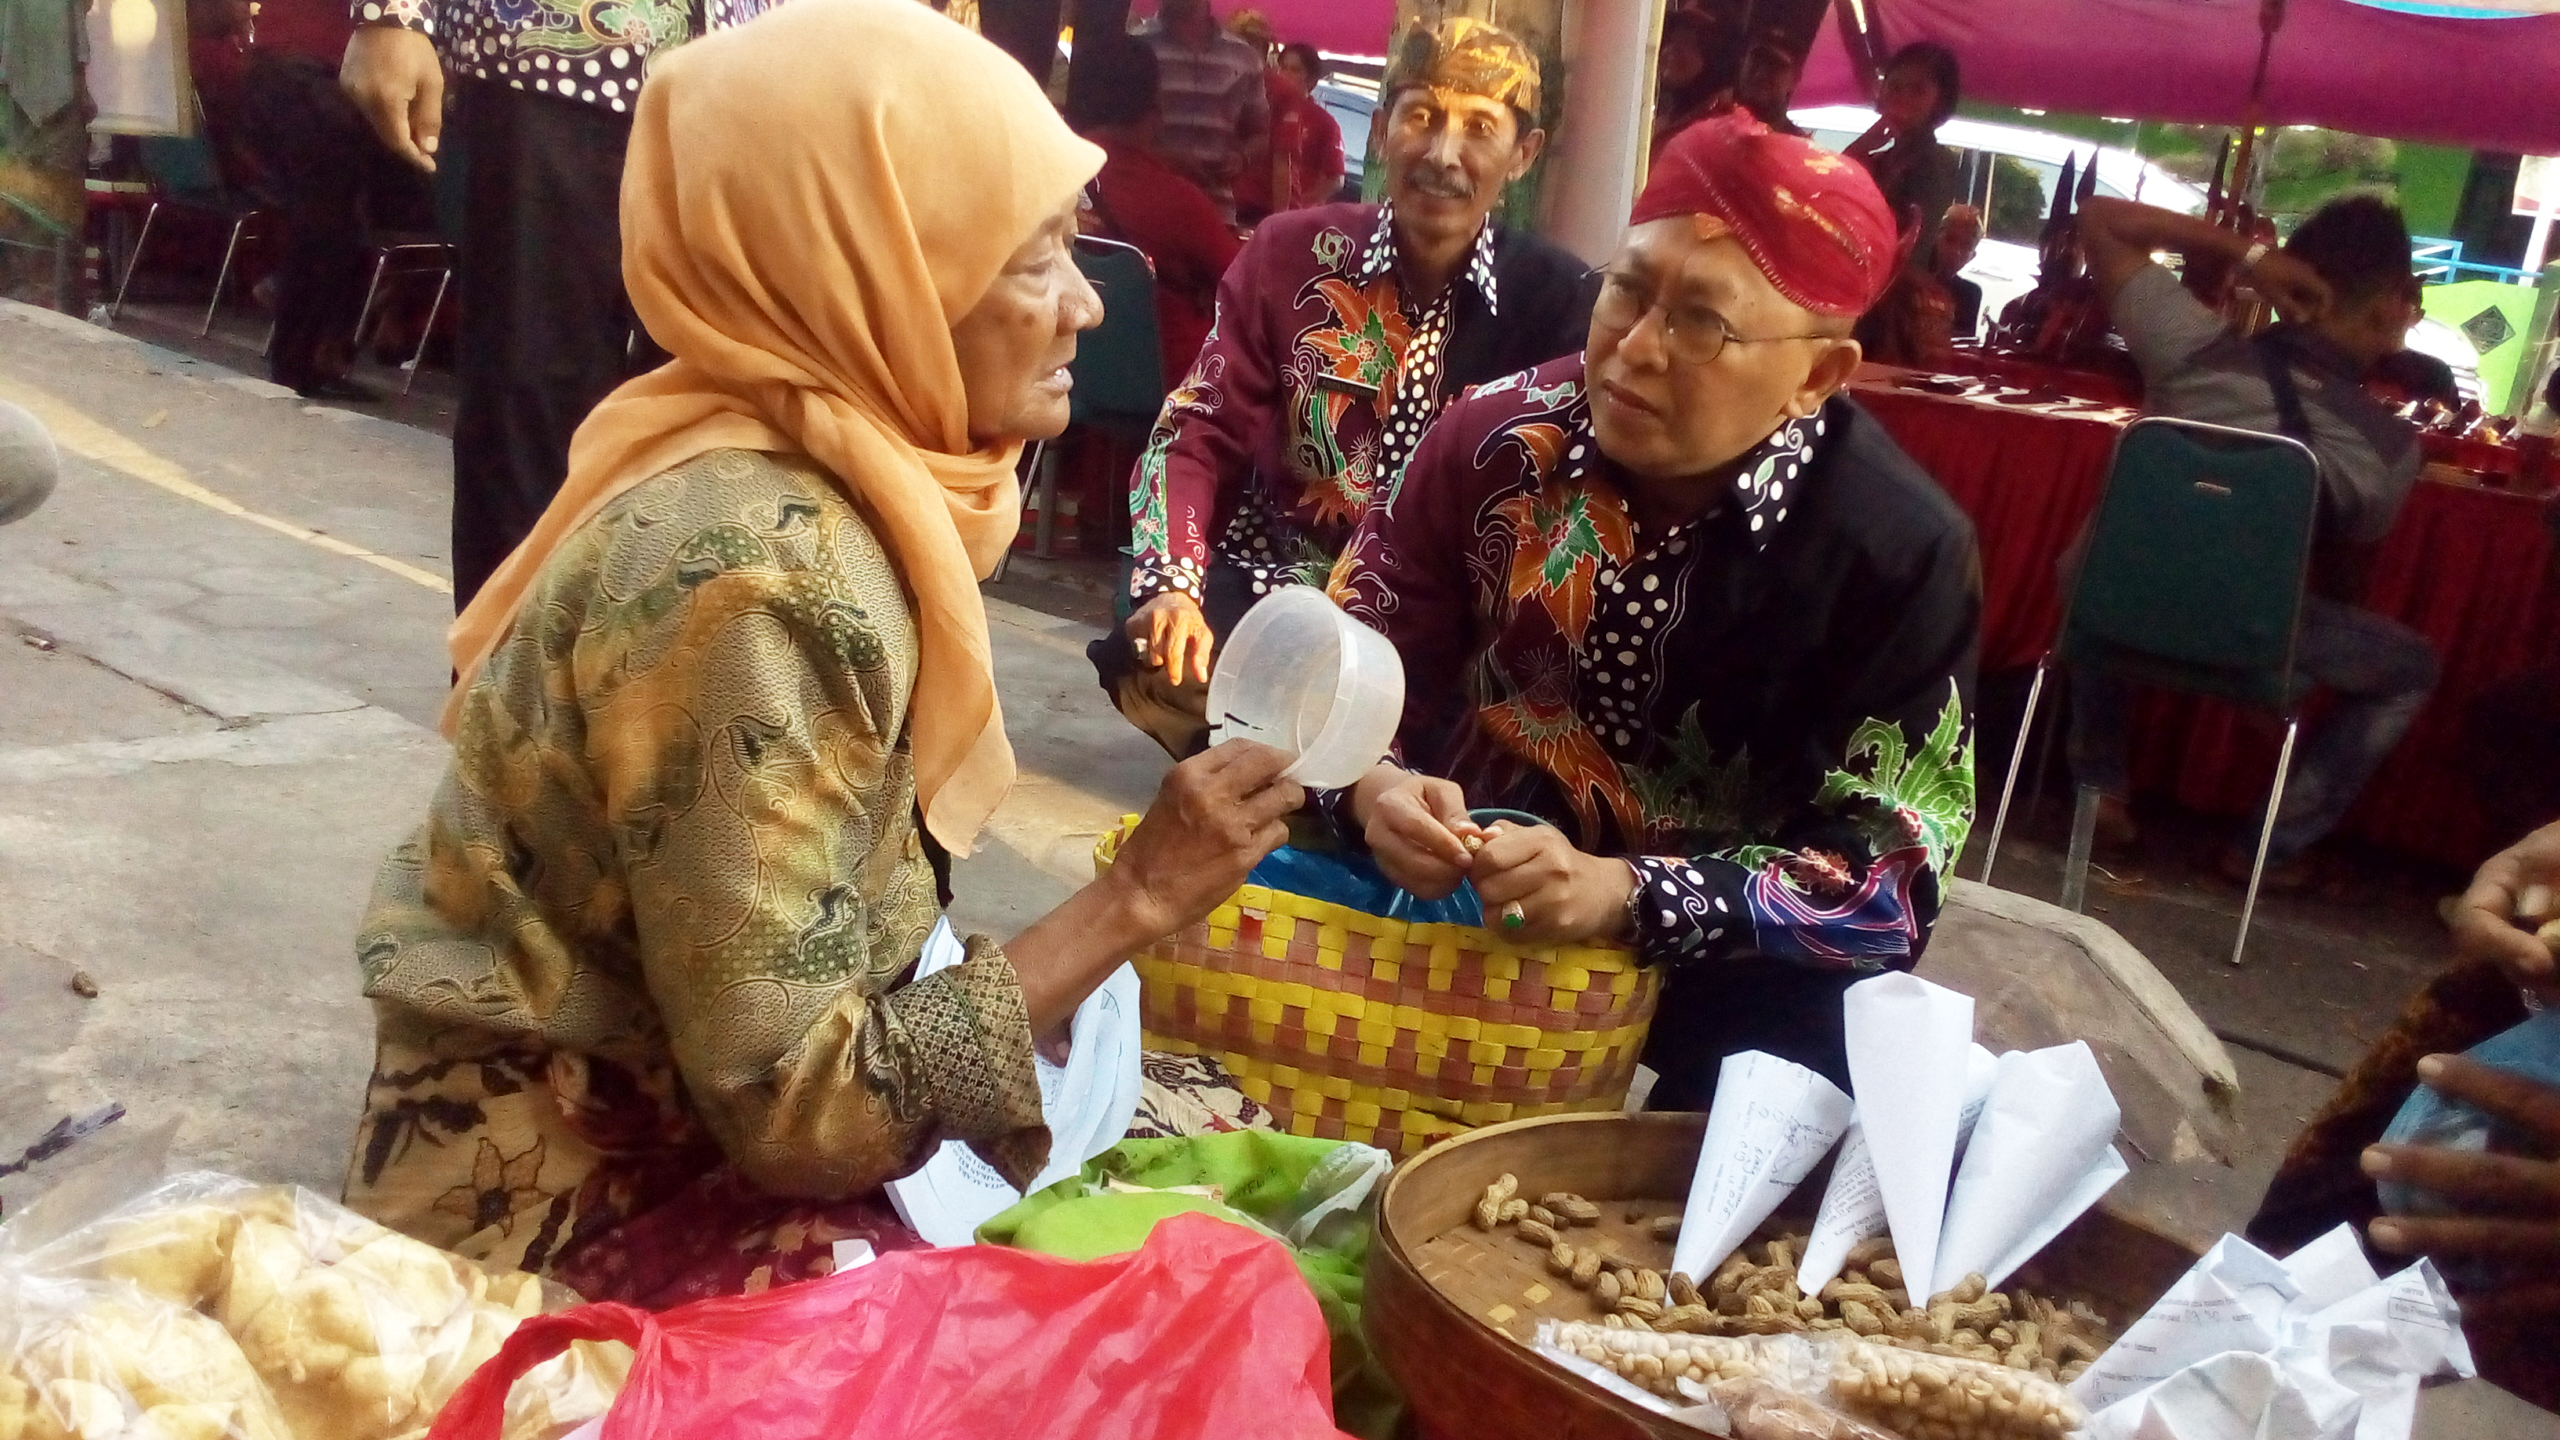 Begini Cara Bupati Busyro Membantu Nenek Penjual Kacang